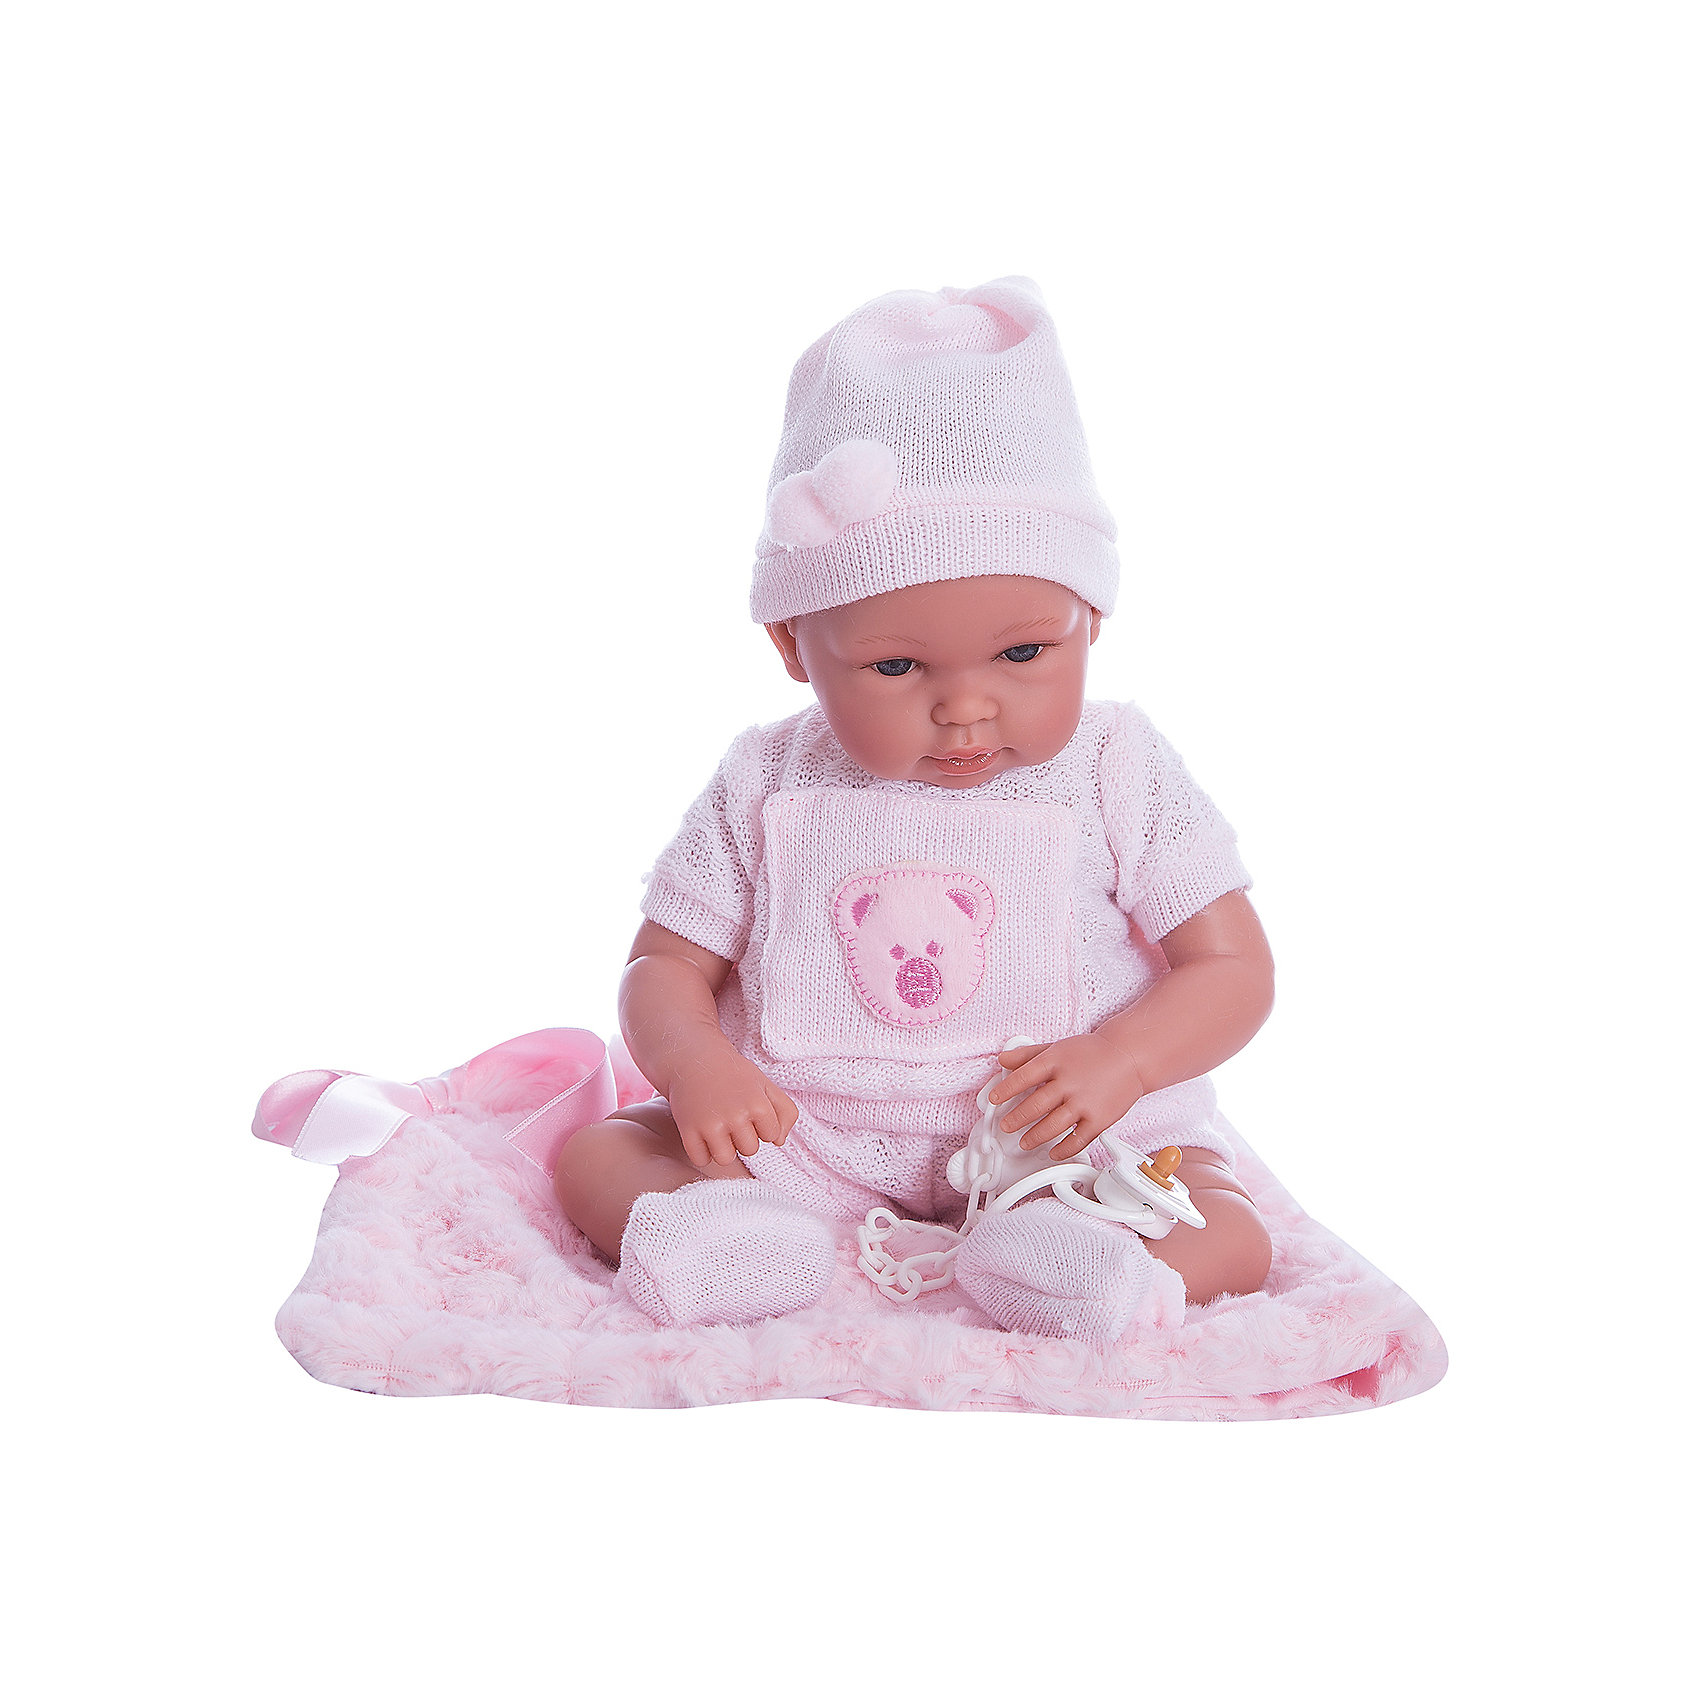 Пупс с одеялом, 36 см, LlorensКуклы<br>Характеристики:<br><br>• Предназначение: для сюжетно-ролевых игр<br>• Тип куклы: мягконабивная<br>• Пол куклы: девочка <br>• Волосы: прорисованные<br>• Материал: поливинилхлорид, пластик, текстиль<br>• Цвет: розовый<br>• Высота куклы: 36 см<br>• Комплектация: кукла, кофточка, шортики, чепчик, носочки, одеяло, соска с держателем<br>• Вес: 1 кг <br>• Размеры упаковки (Д*В*Ш): 22*43*10 см<br>• Упаковка: подарочная картонная коробка <br>• Особенности ухода: допускается деликатная стирка без использования красящих и отбеливающих средств предметов одежды куклы<br><br>Кукла младенец 36 см с одеялом без звука – пупс, производителем которого является всемирно известный испанский кукольный бренд Llorens. Куклы этой торговой марки имеют свою неповторимую внешность и целую линейку образов как пупсов, так и кукол-малышей. Игрушки выполнены из сочетания поливинилхлорида и пластика, что позволяет с высокой долей достоверности воссоздать физиологические и мимические особенности маленьких детей. При изготовлении кукол Llorens используются только сертифицированные материалы, безопасные и не вызывающие аллергических реакций. Волосы у кукол-пупсов прорисованные; ручки и ножки двигаются.<br>Кукла младенец 36 см с одеялом без звука выполнена в образе малышки: голубые глазки и пухлые щечки создают невероятно очаровательный и милый образ. В комплект одежды входит розовый костюмчик, состоящий из кофточки с короткими рукавами и аппликацией в виде мишки на груди, шортиков, выполненных ажурной вязкой, чепчик и носочки. В наборе имеется теплое одеяло-плед и соска с держателем.<br>Кукла младенец 36 см с одеялом без звука – это идеальный вариант для подарка к различным праздникам и торжествам.<br><br>Куклу младенца 36 см с одеялом без звука можно купить в нашем интернет-магазине.<br><br>Ширина мм: 22<br>Глубина мм: 43<br>Высота мм: 10<br>Вес г: 1000<br>Возраст от месяцев: 36<br>Возраст до месяцев: 84<br>Пол: Женский<br>Возраст: Детский<br>SKU: 5086930